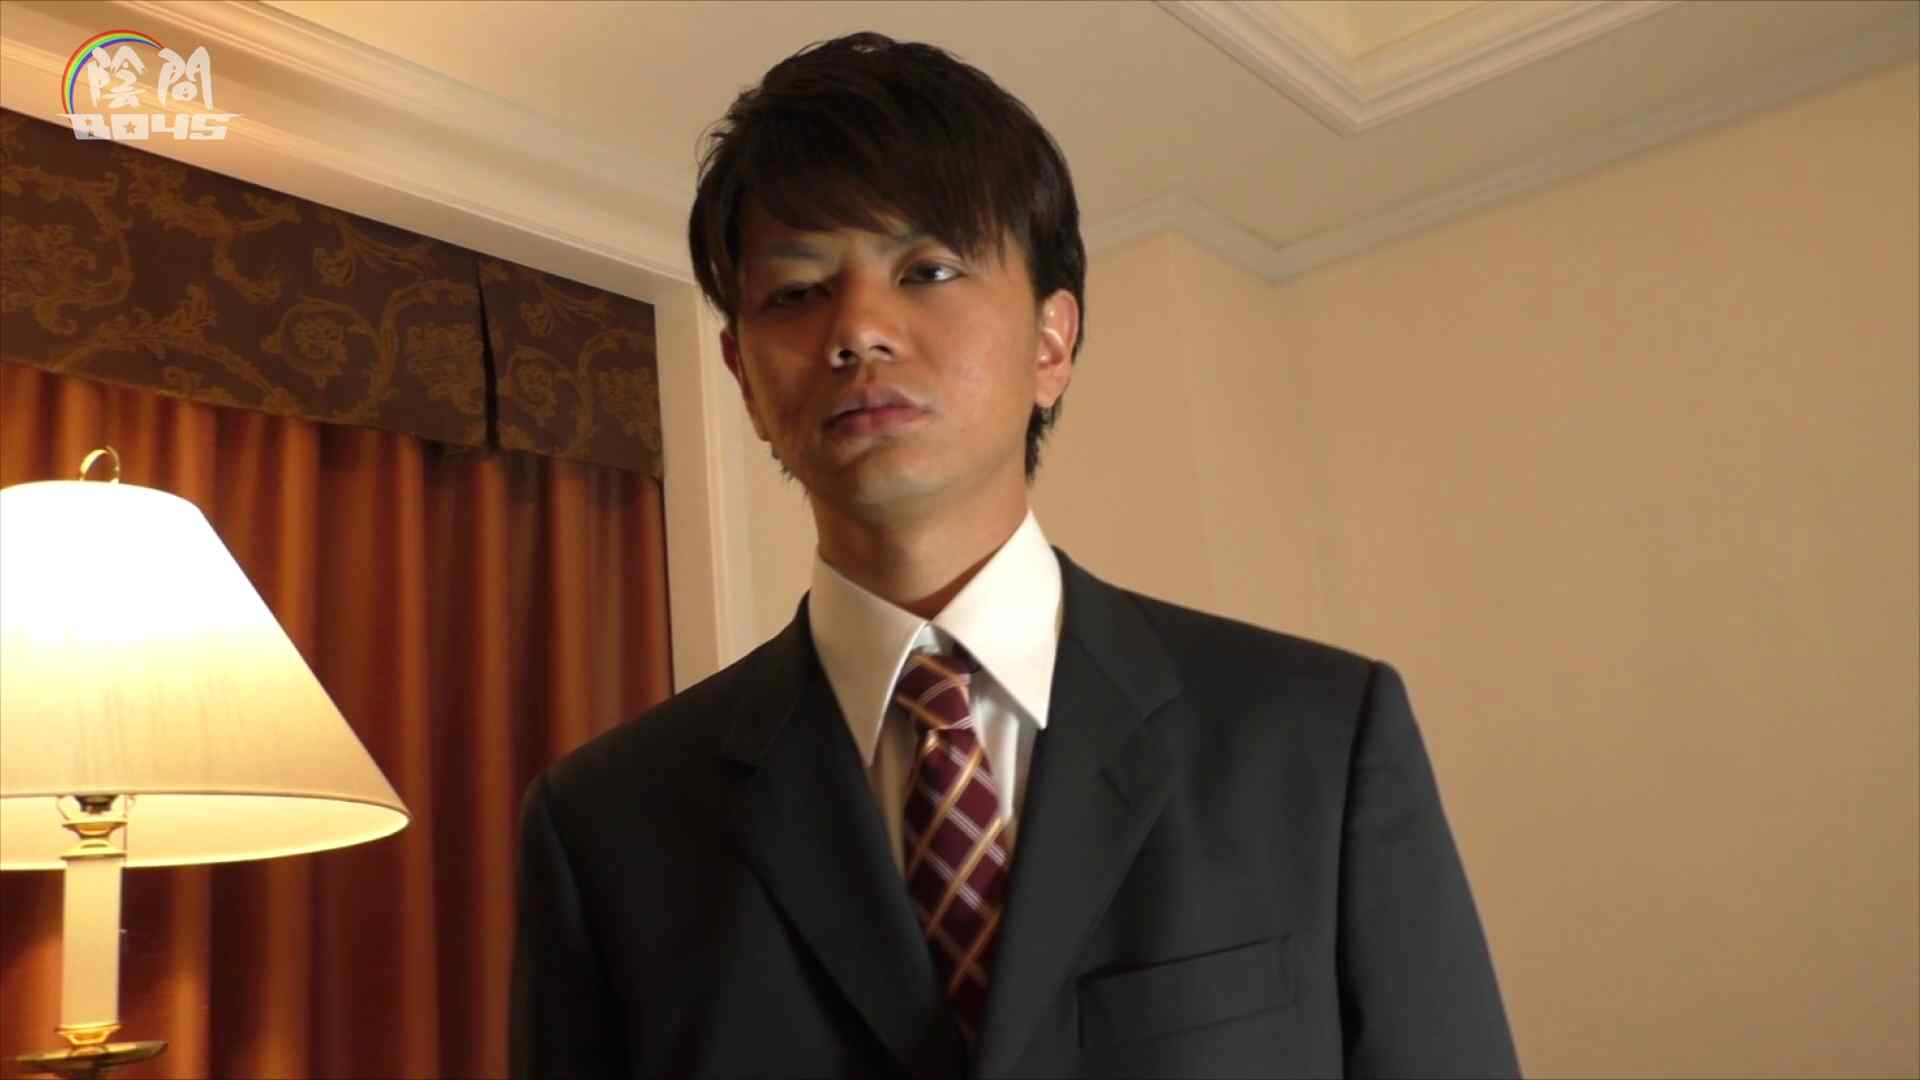 陰間BOYS~キャバクラの仕事はアナルから4 Vol.01 無修正 ゲイアダルト画像 108pic 58